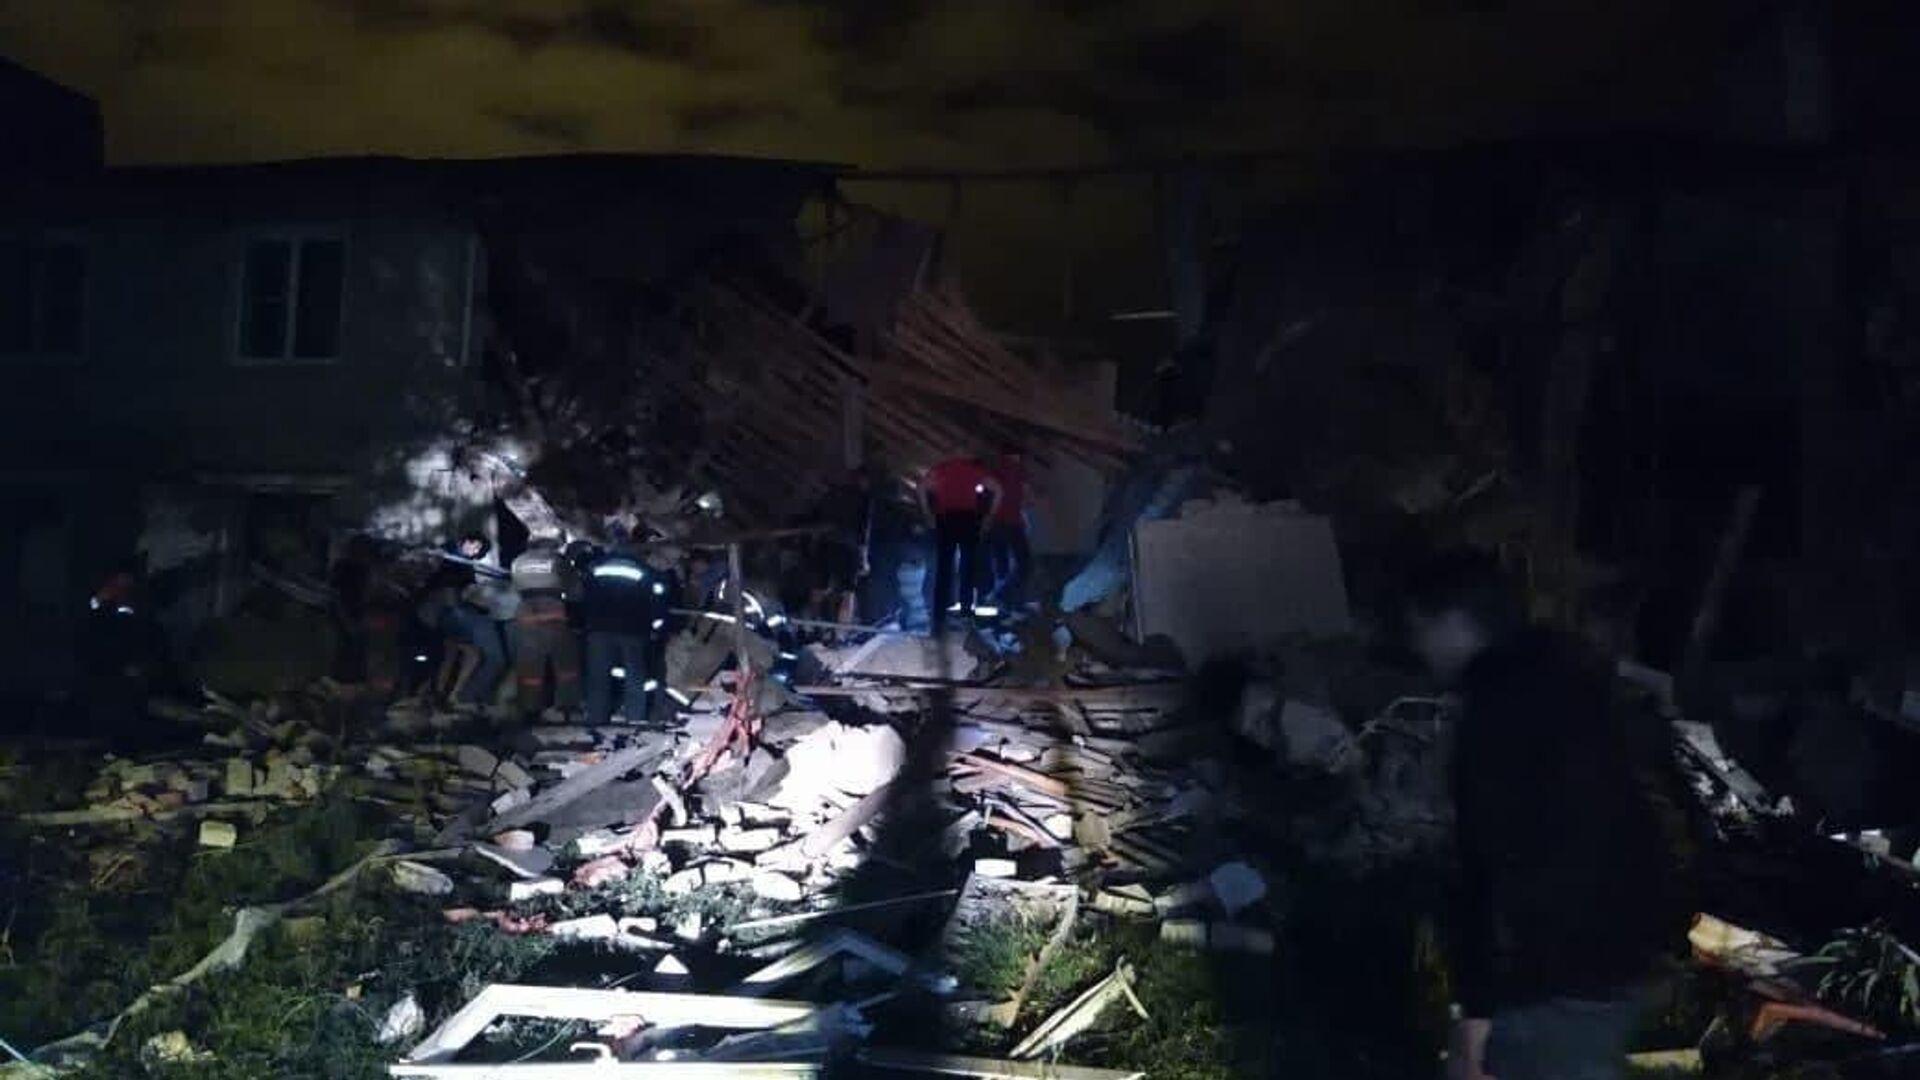 Очевидцы рассказали подробности о взрыве газа в Липецкой области